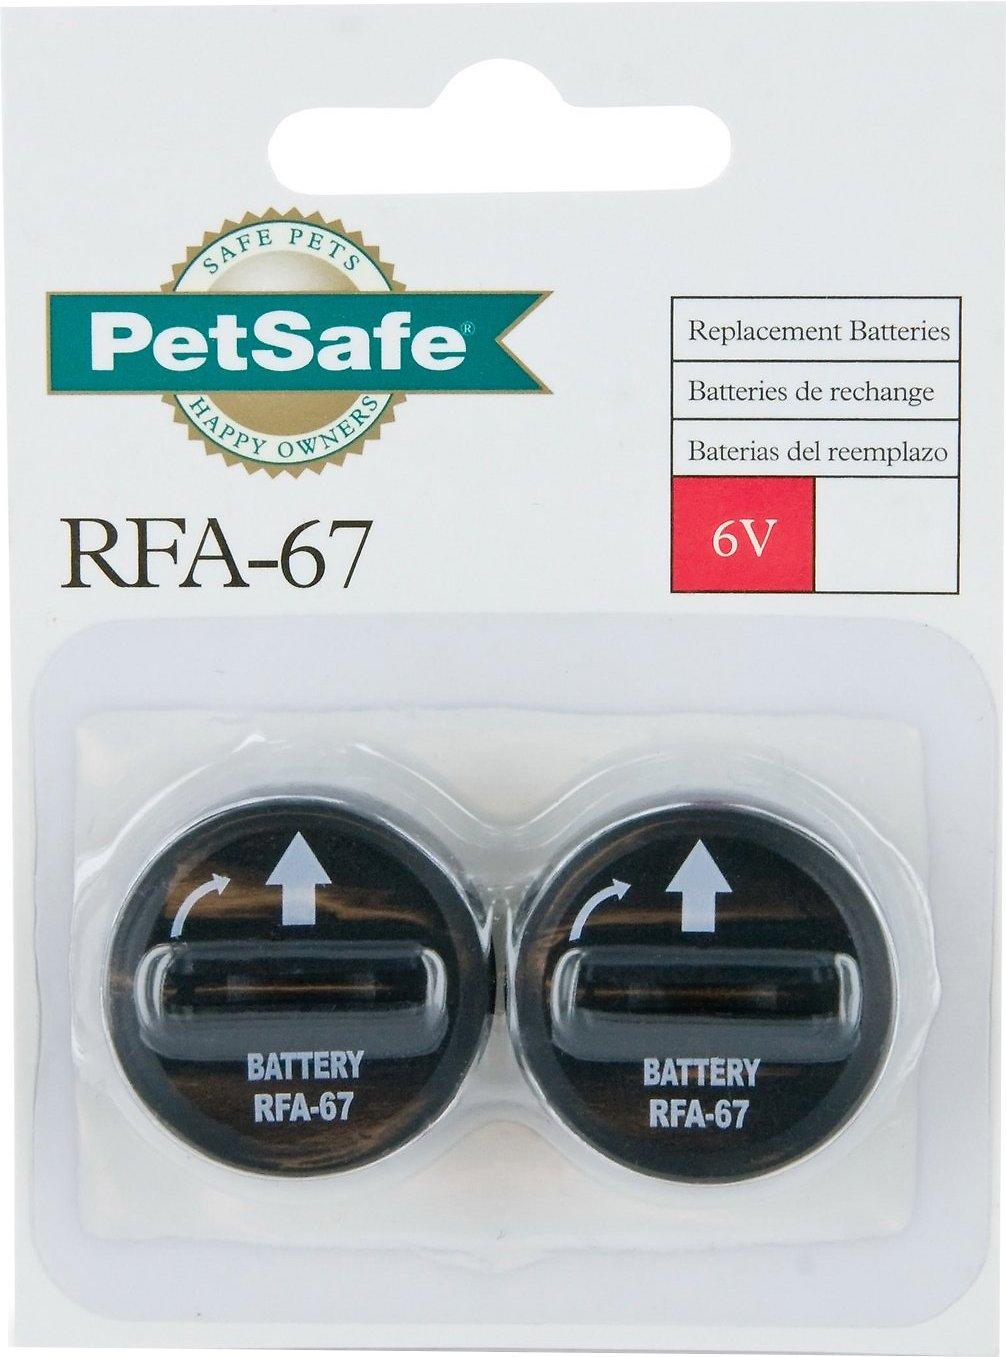 PetSafe 6-Volt RFA-67D Replacement Batteries, 2 pack